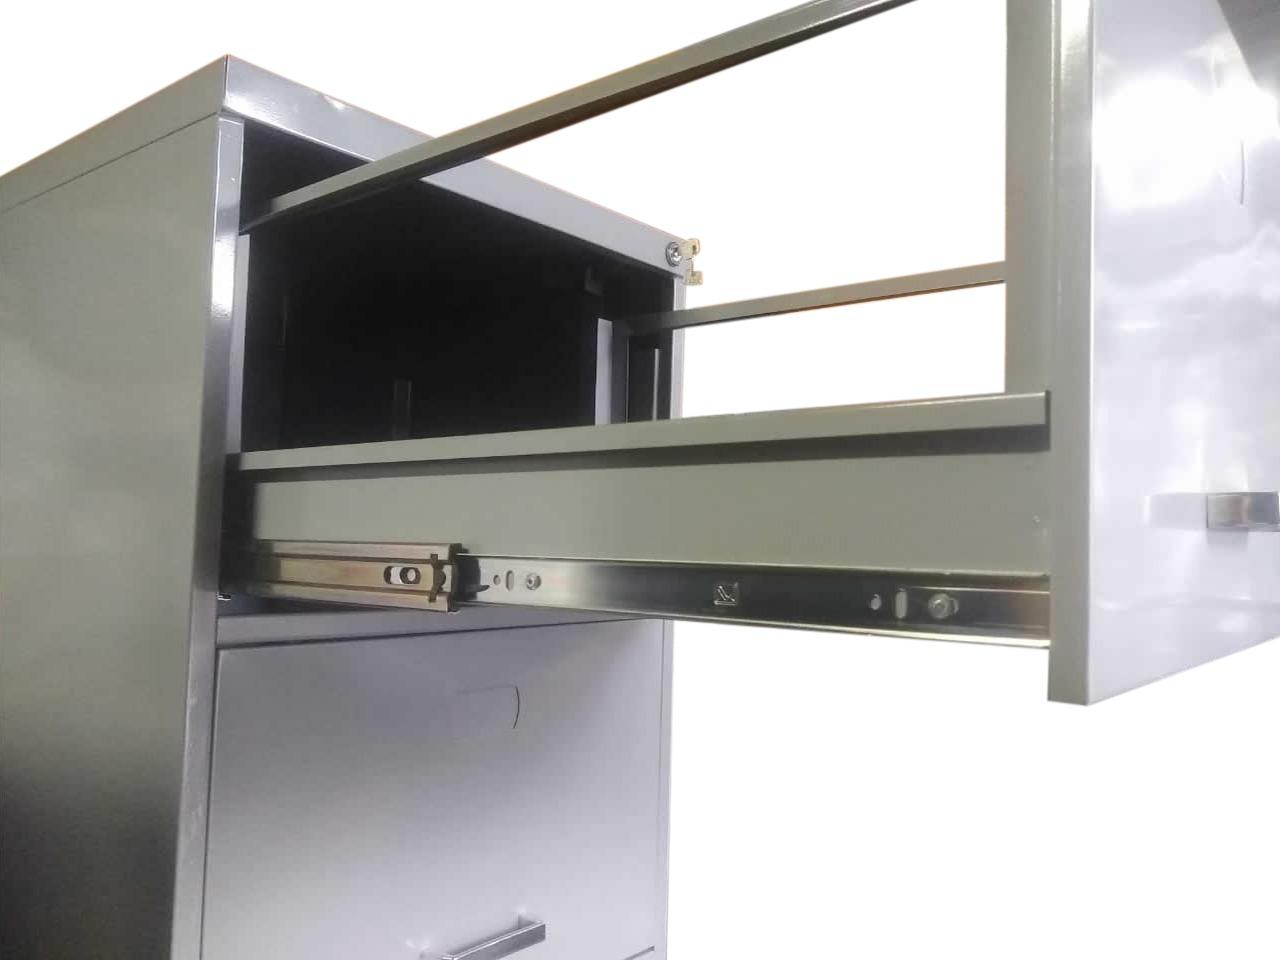 Arquivo de Aço Para Pasta Suspensa de 4 Gavetas - Corrediça Reforçada 67cm